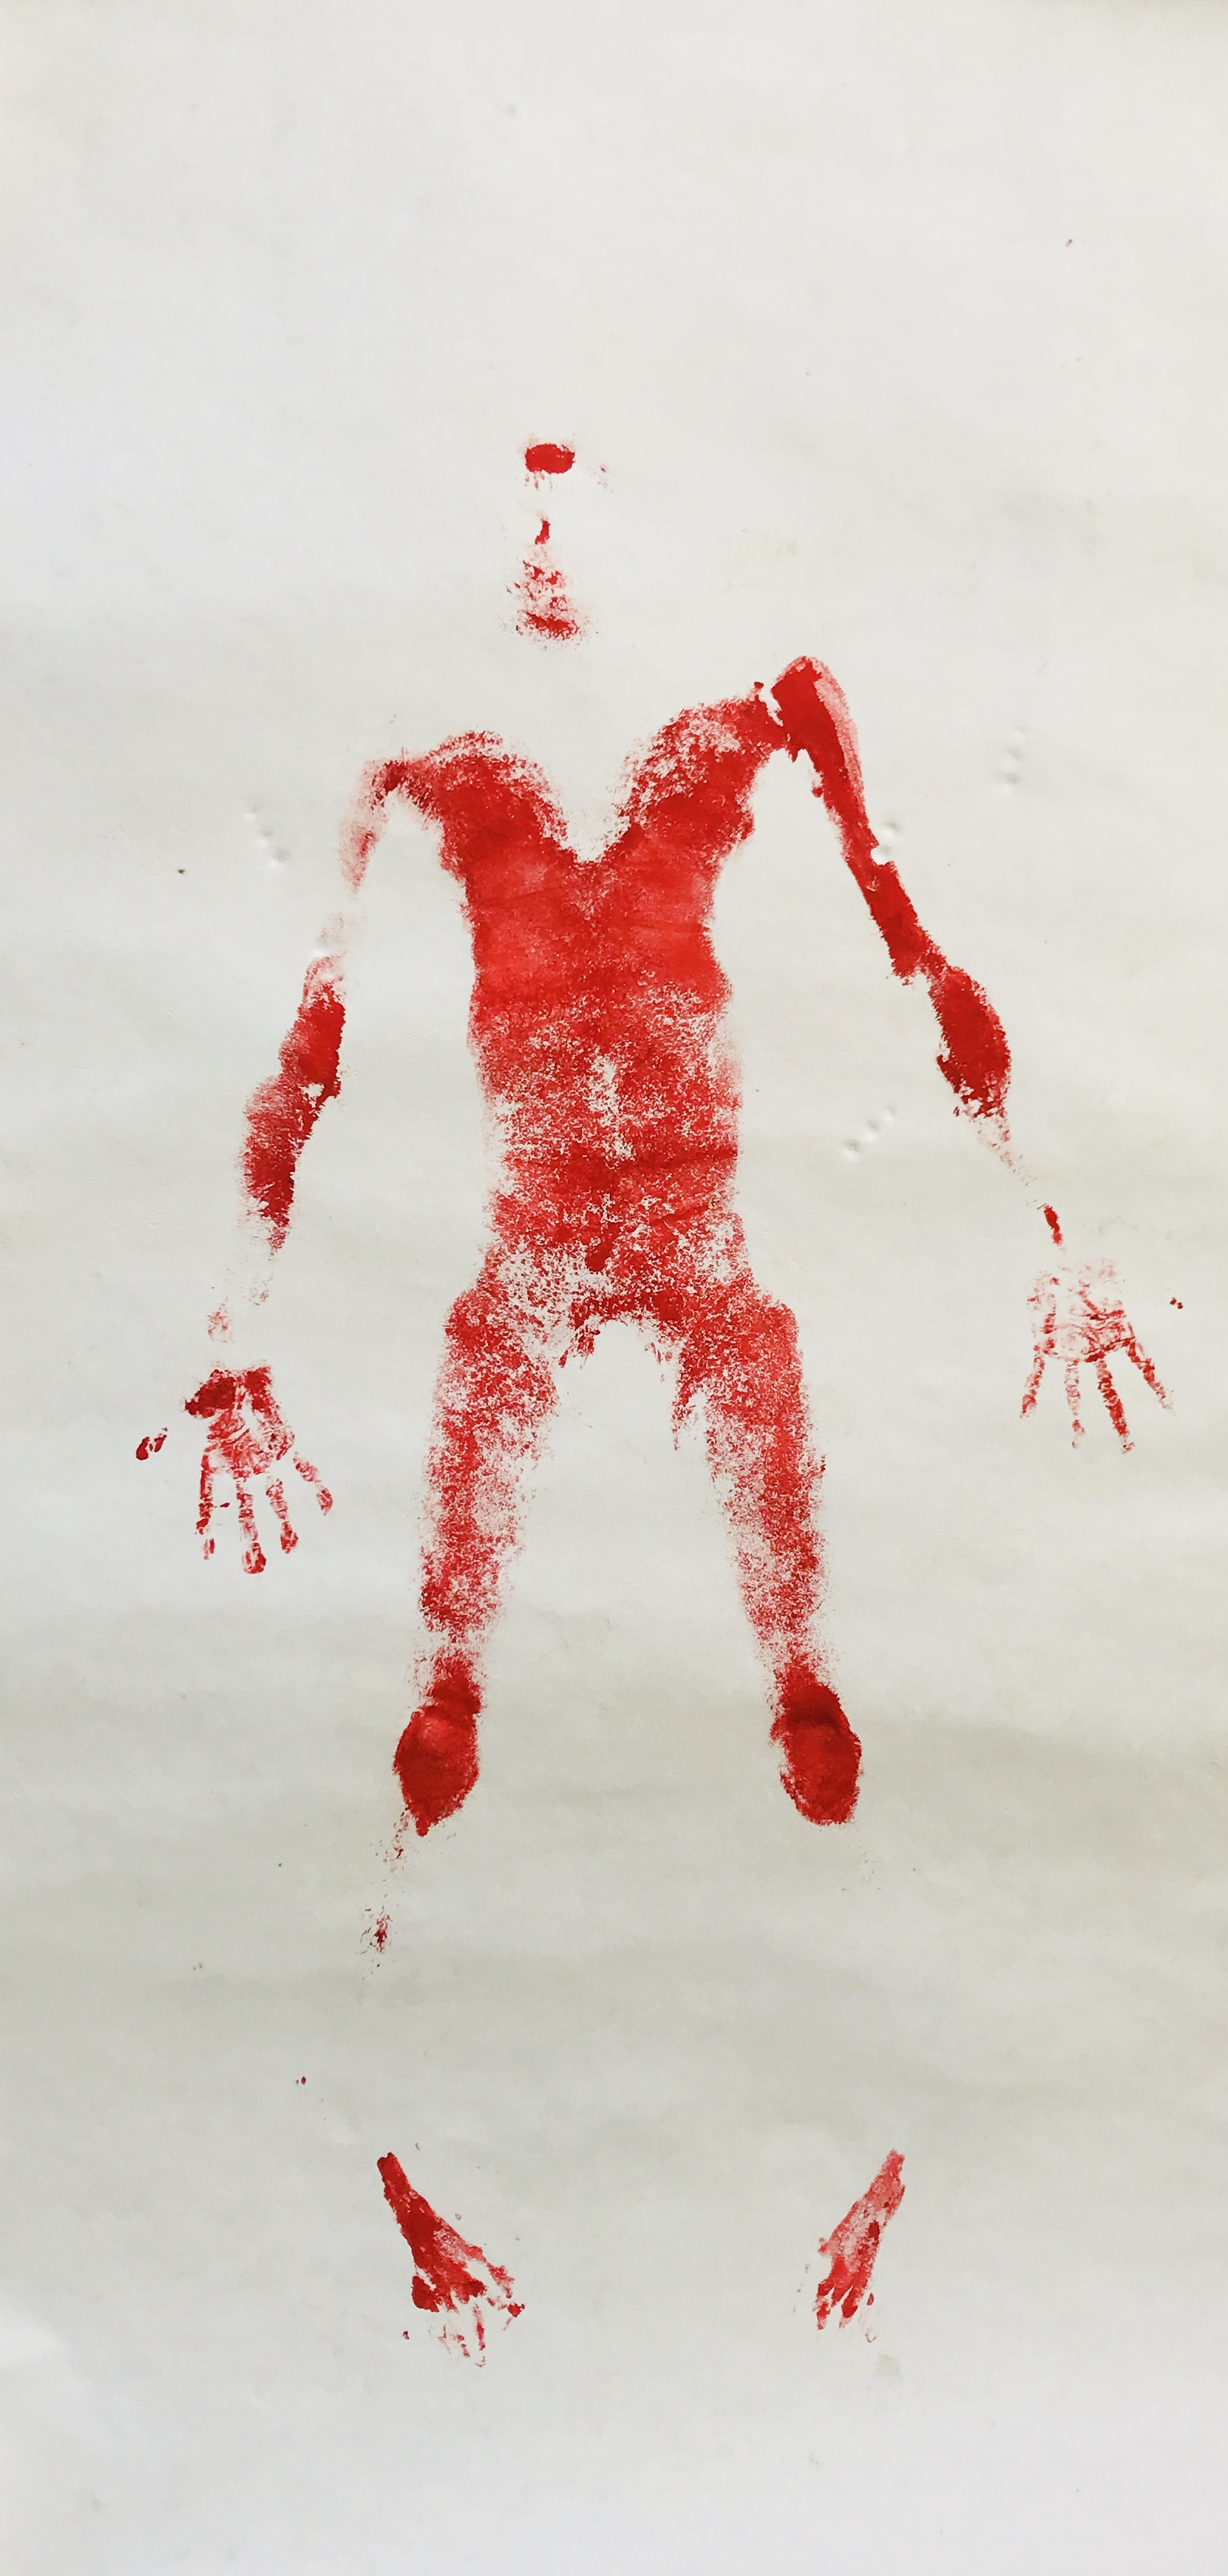 2017  Estampado corporal con pintura acrílica sobre papel amate  244 x 122 cm